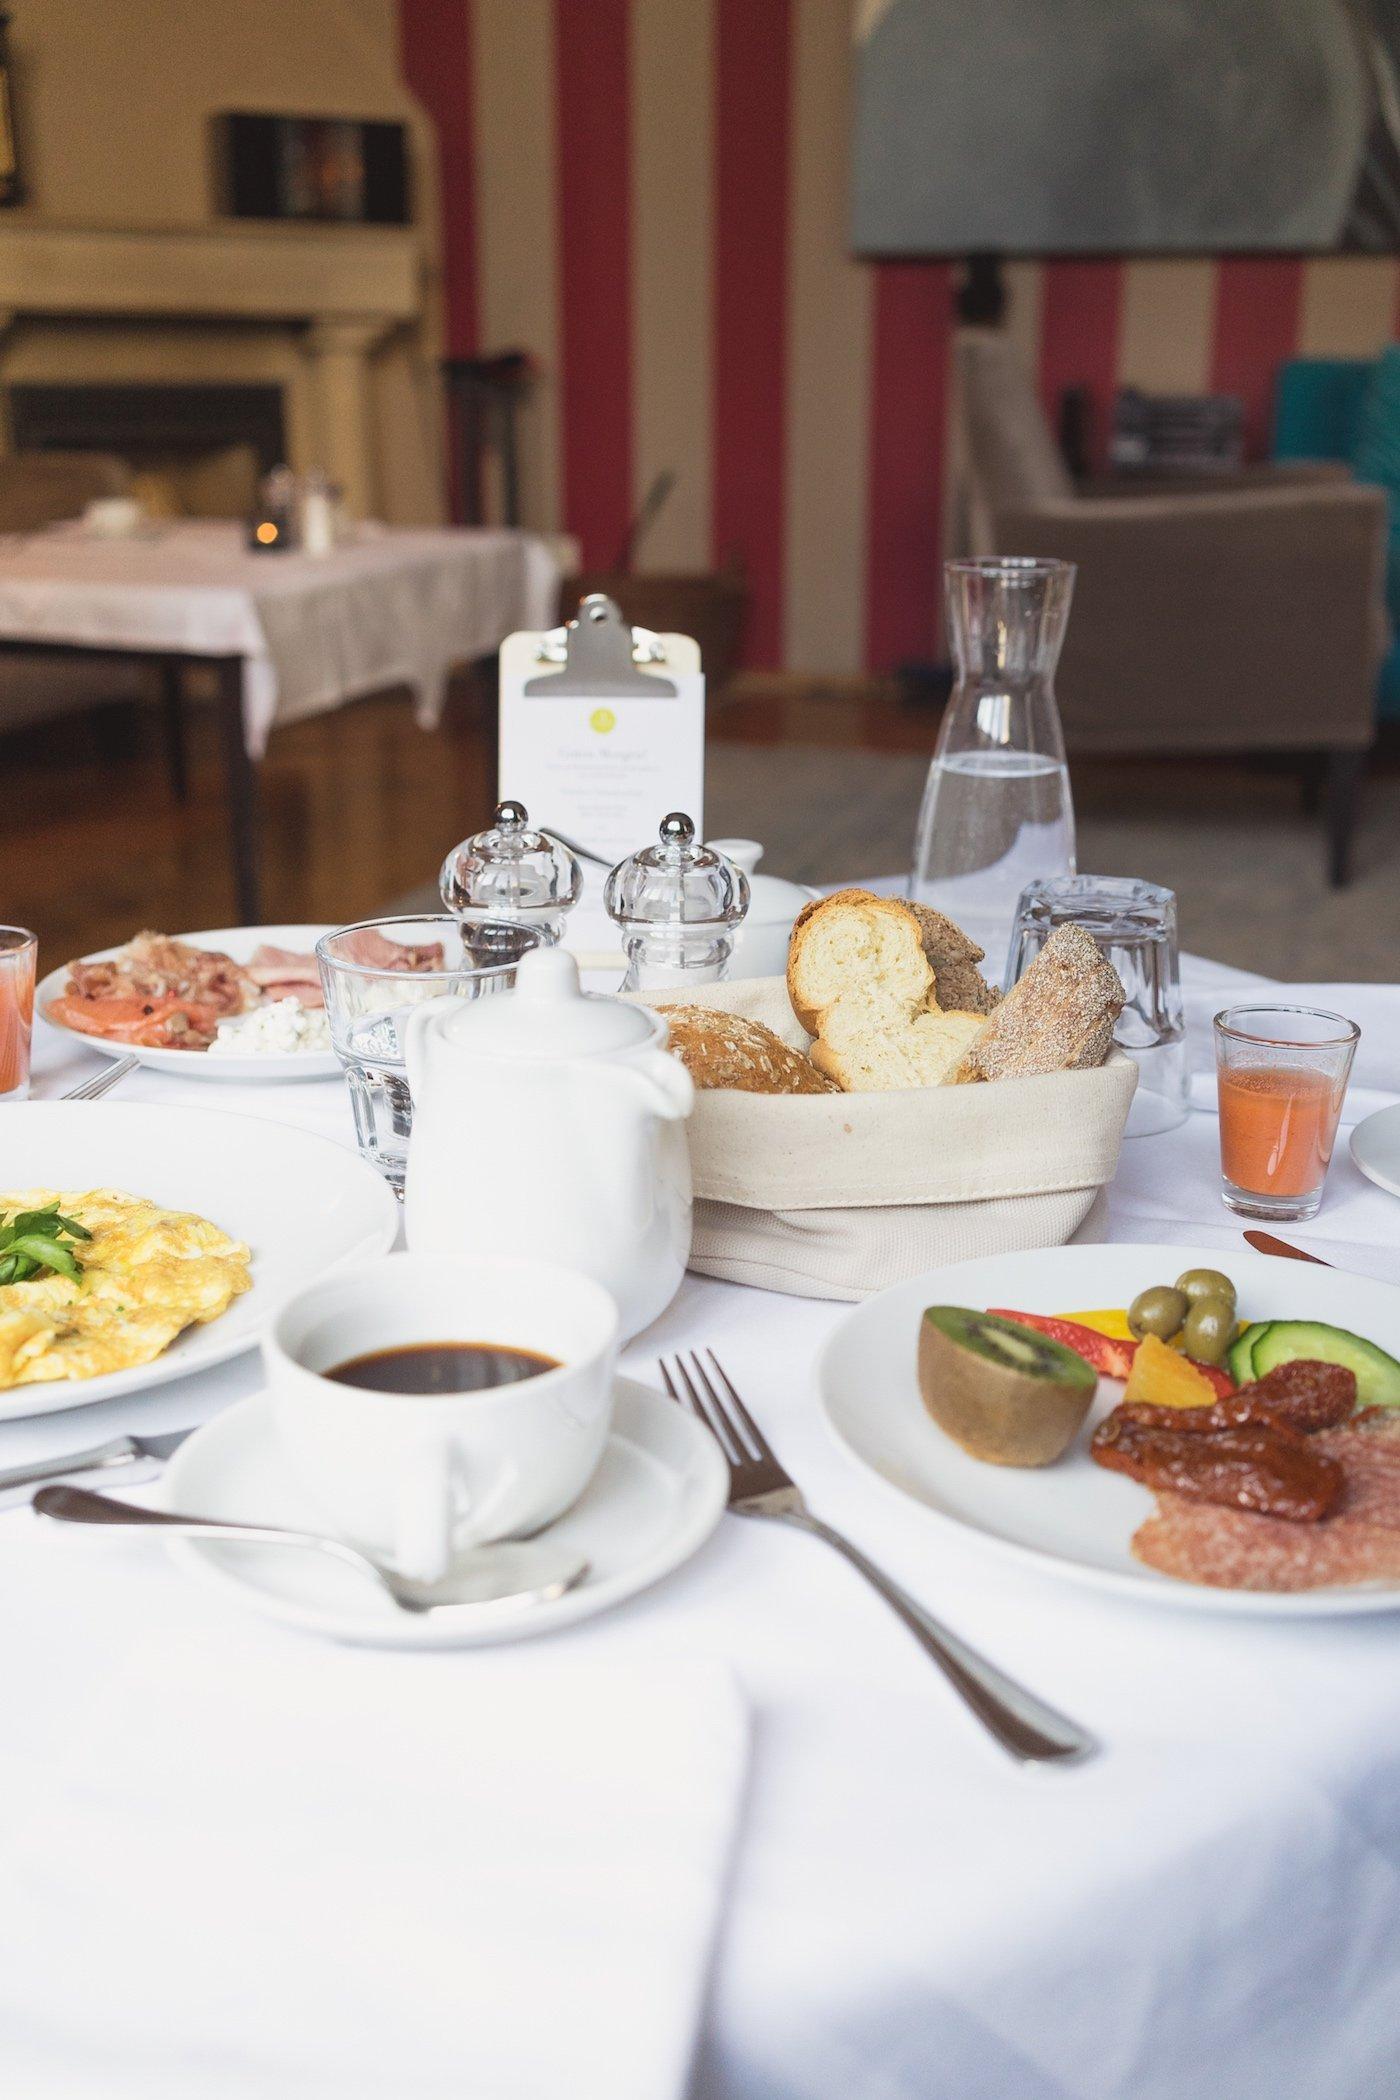 Hotel Altstadt Vienna Boutique Design Hotel Wien Frühstück Breakfast Salon Wiener Zimmer Kaffee Omelette Wurst Brot Tisch